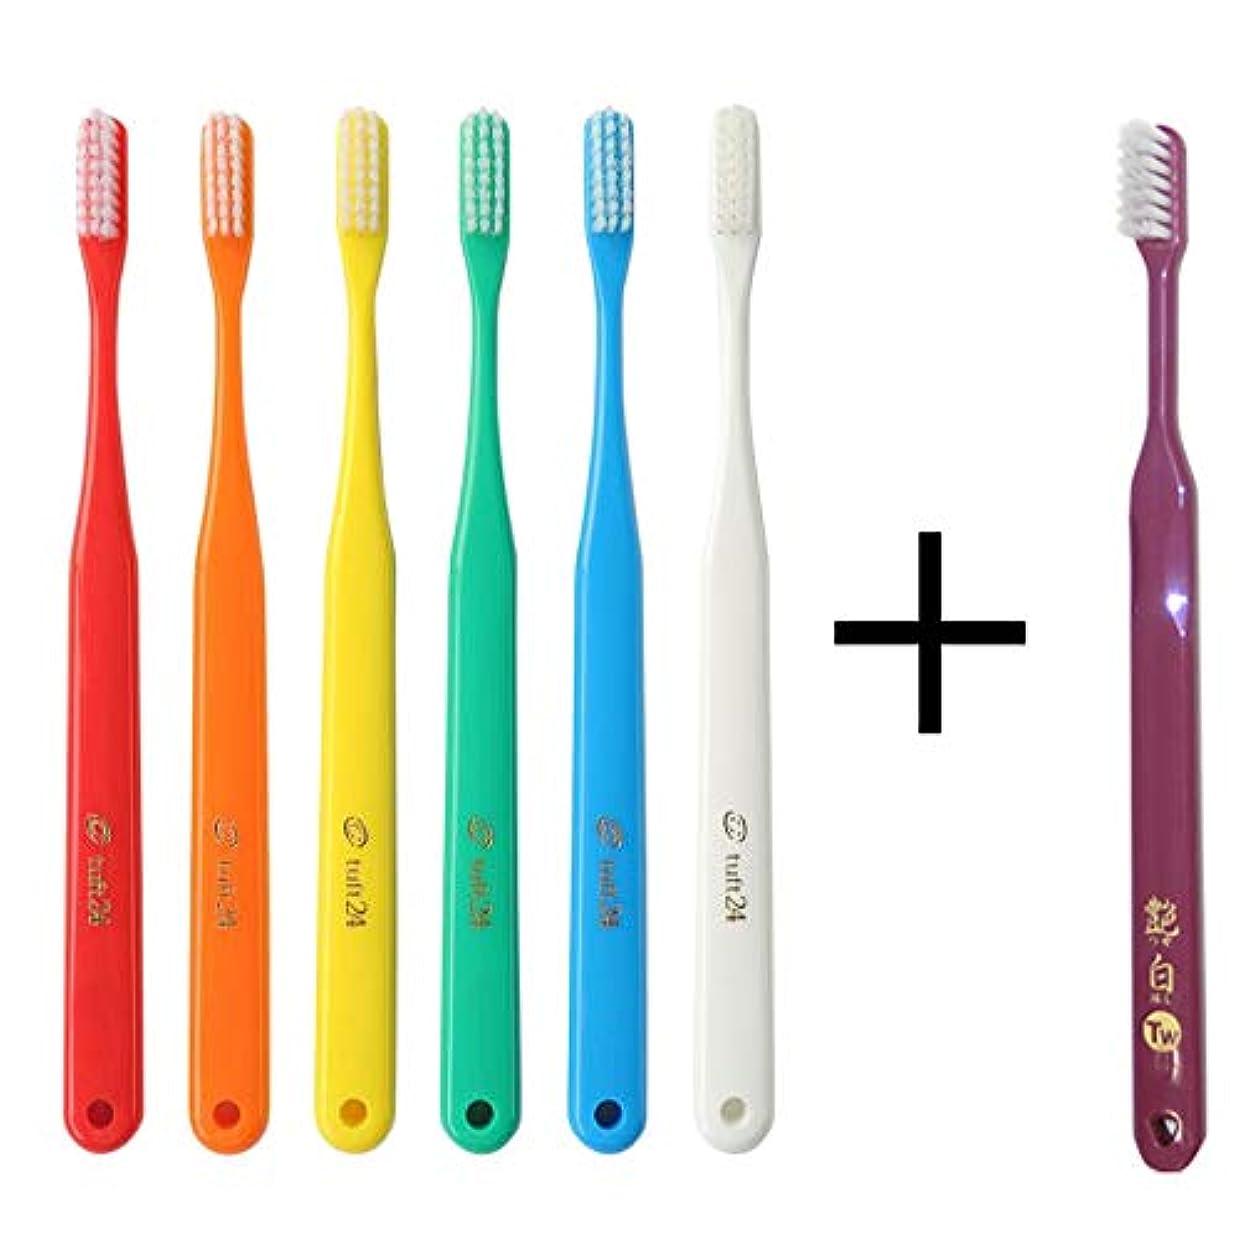 経験者時代あさりキャップなし タフト24 歯ブラシ × 25本入 S (アソート) + 艶白 歯ブラシ (日本製) ×1本 MS(やややわらかめ) 大人用歯ブラシ 歯科医院取扱品